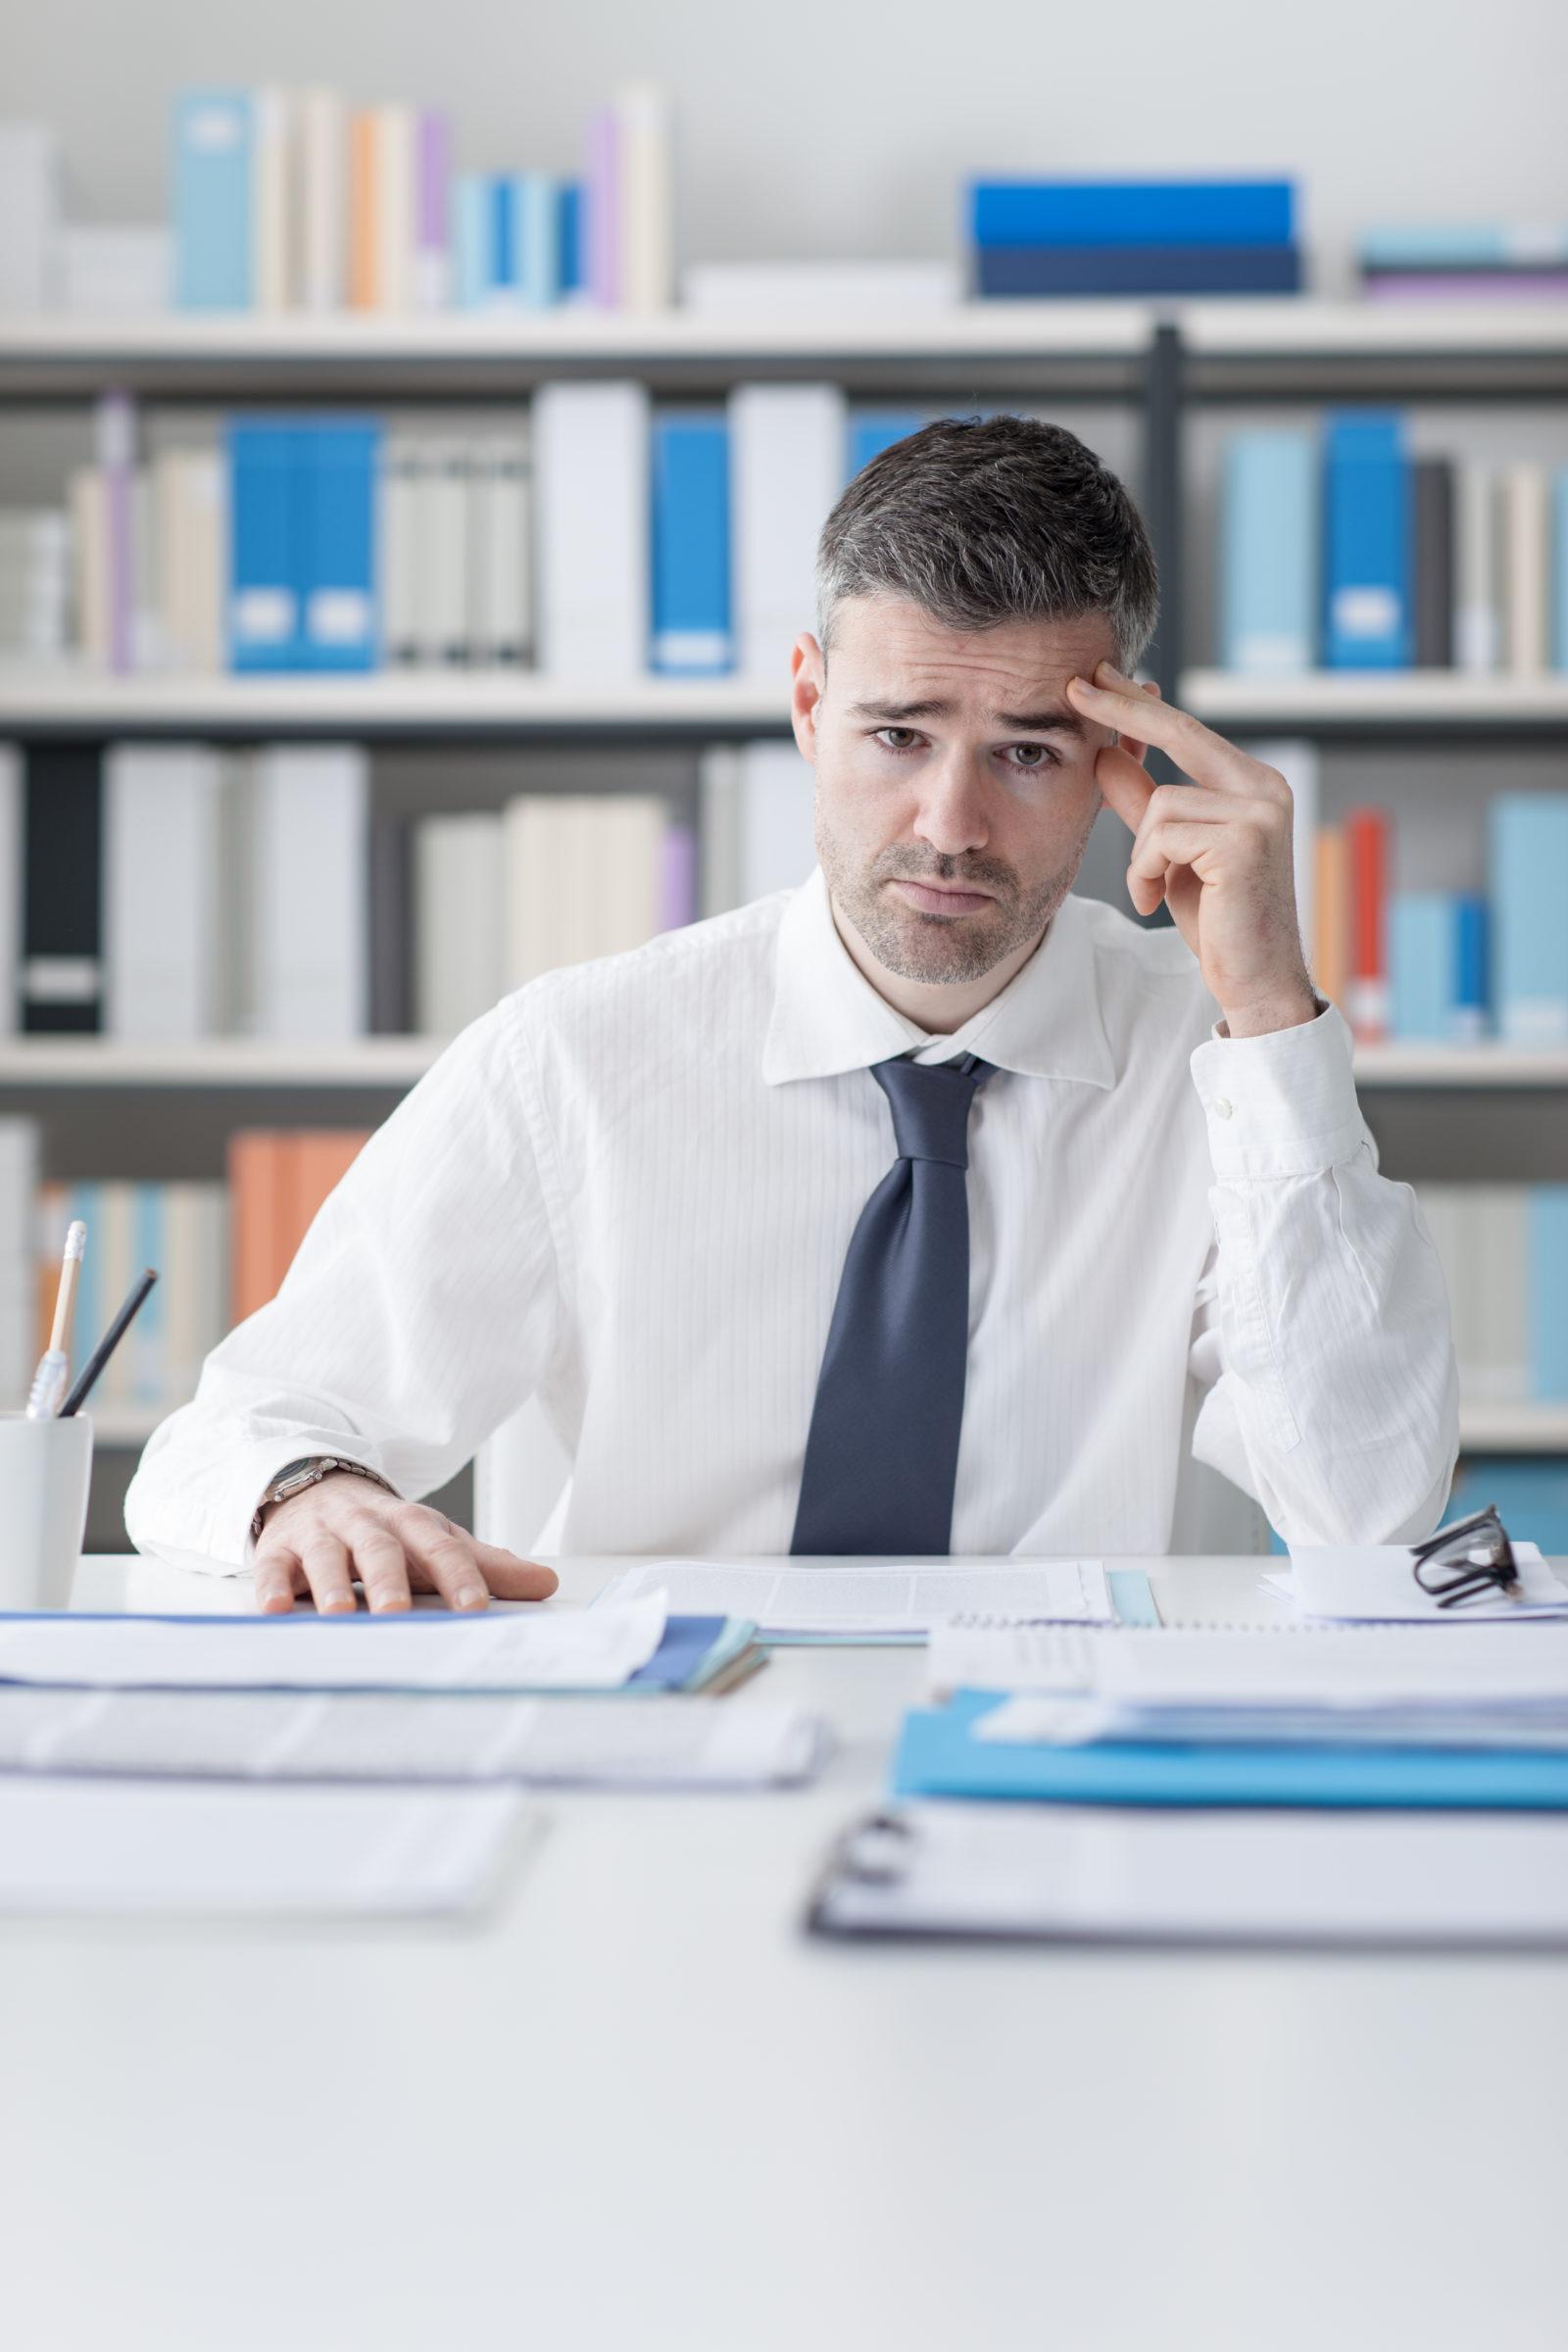 stressful job PZWUSR9